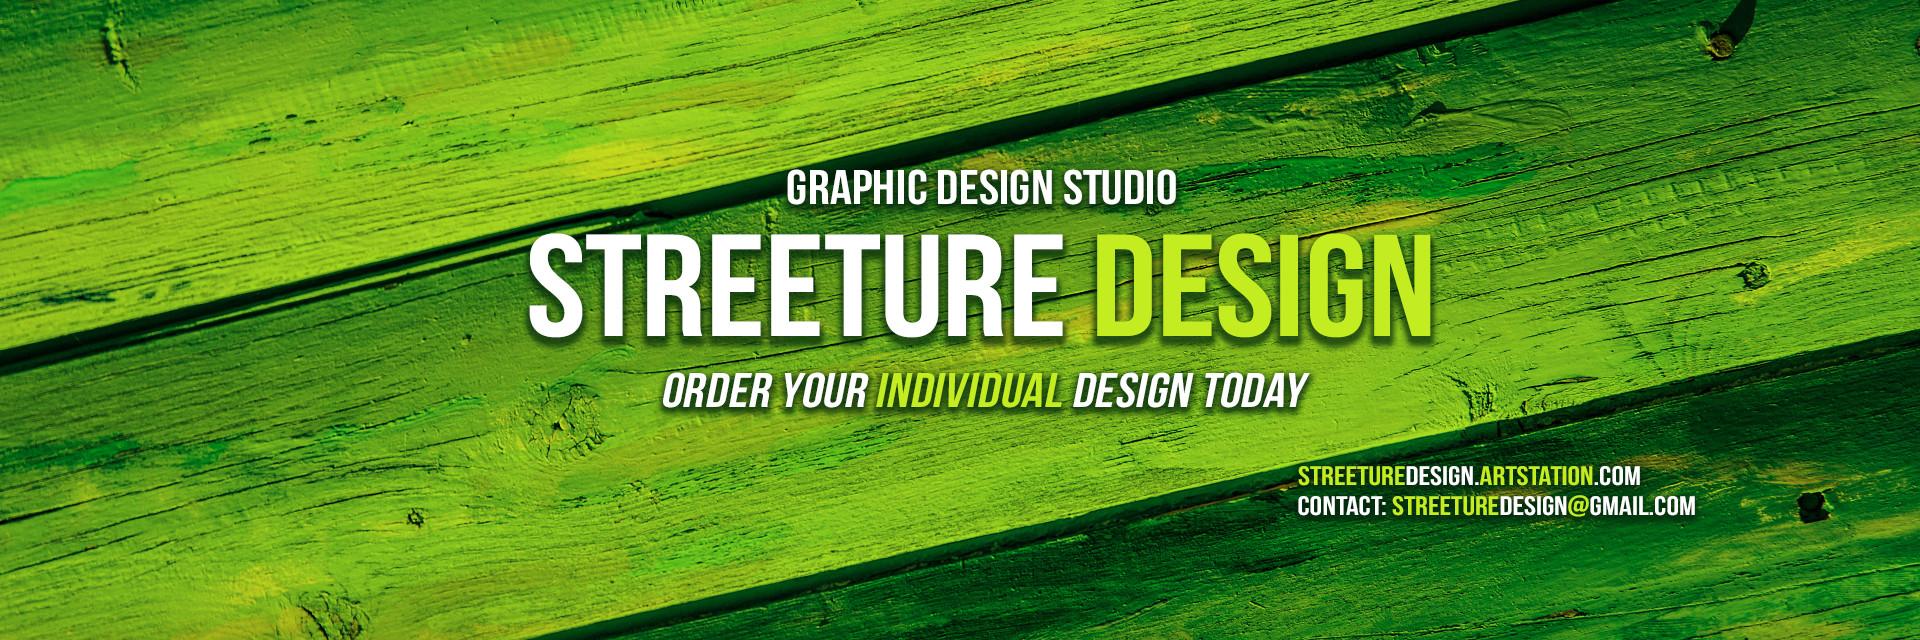 Streeture design artstation banner